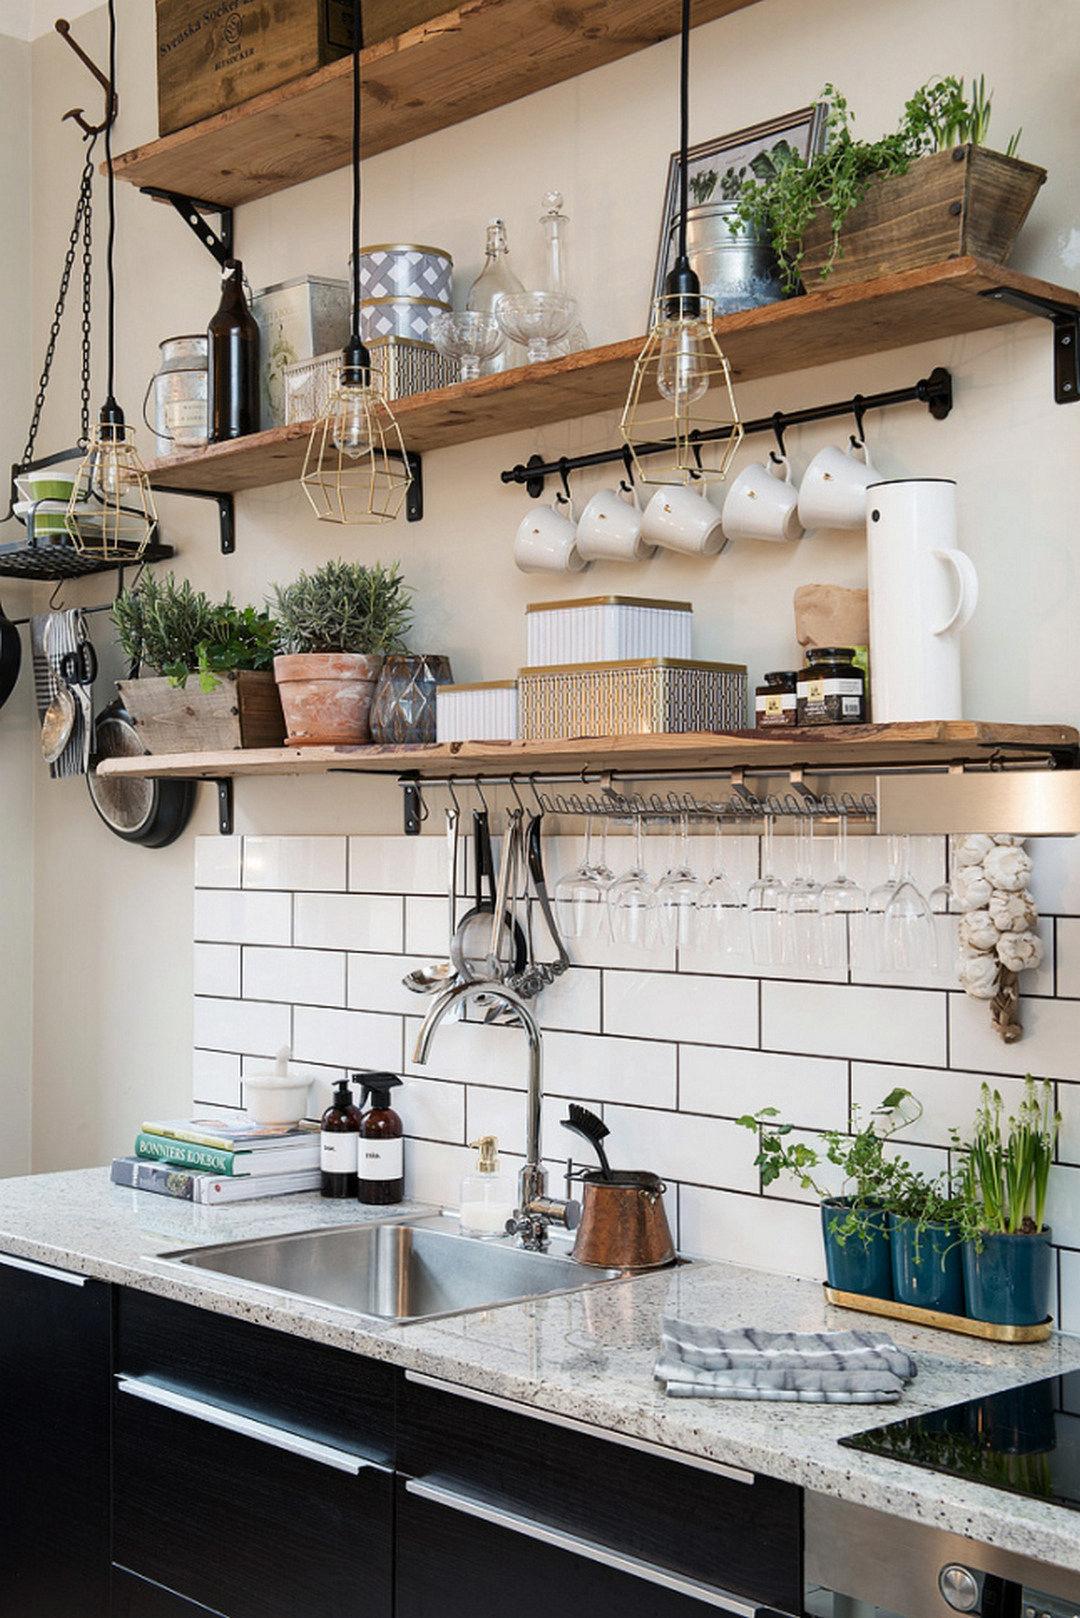 nice open shelving ideas for minimalist interior kitchen ideas